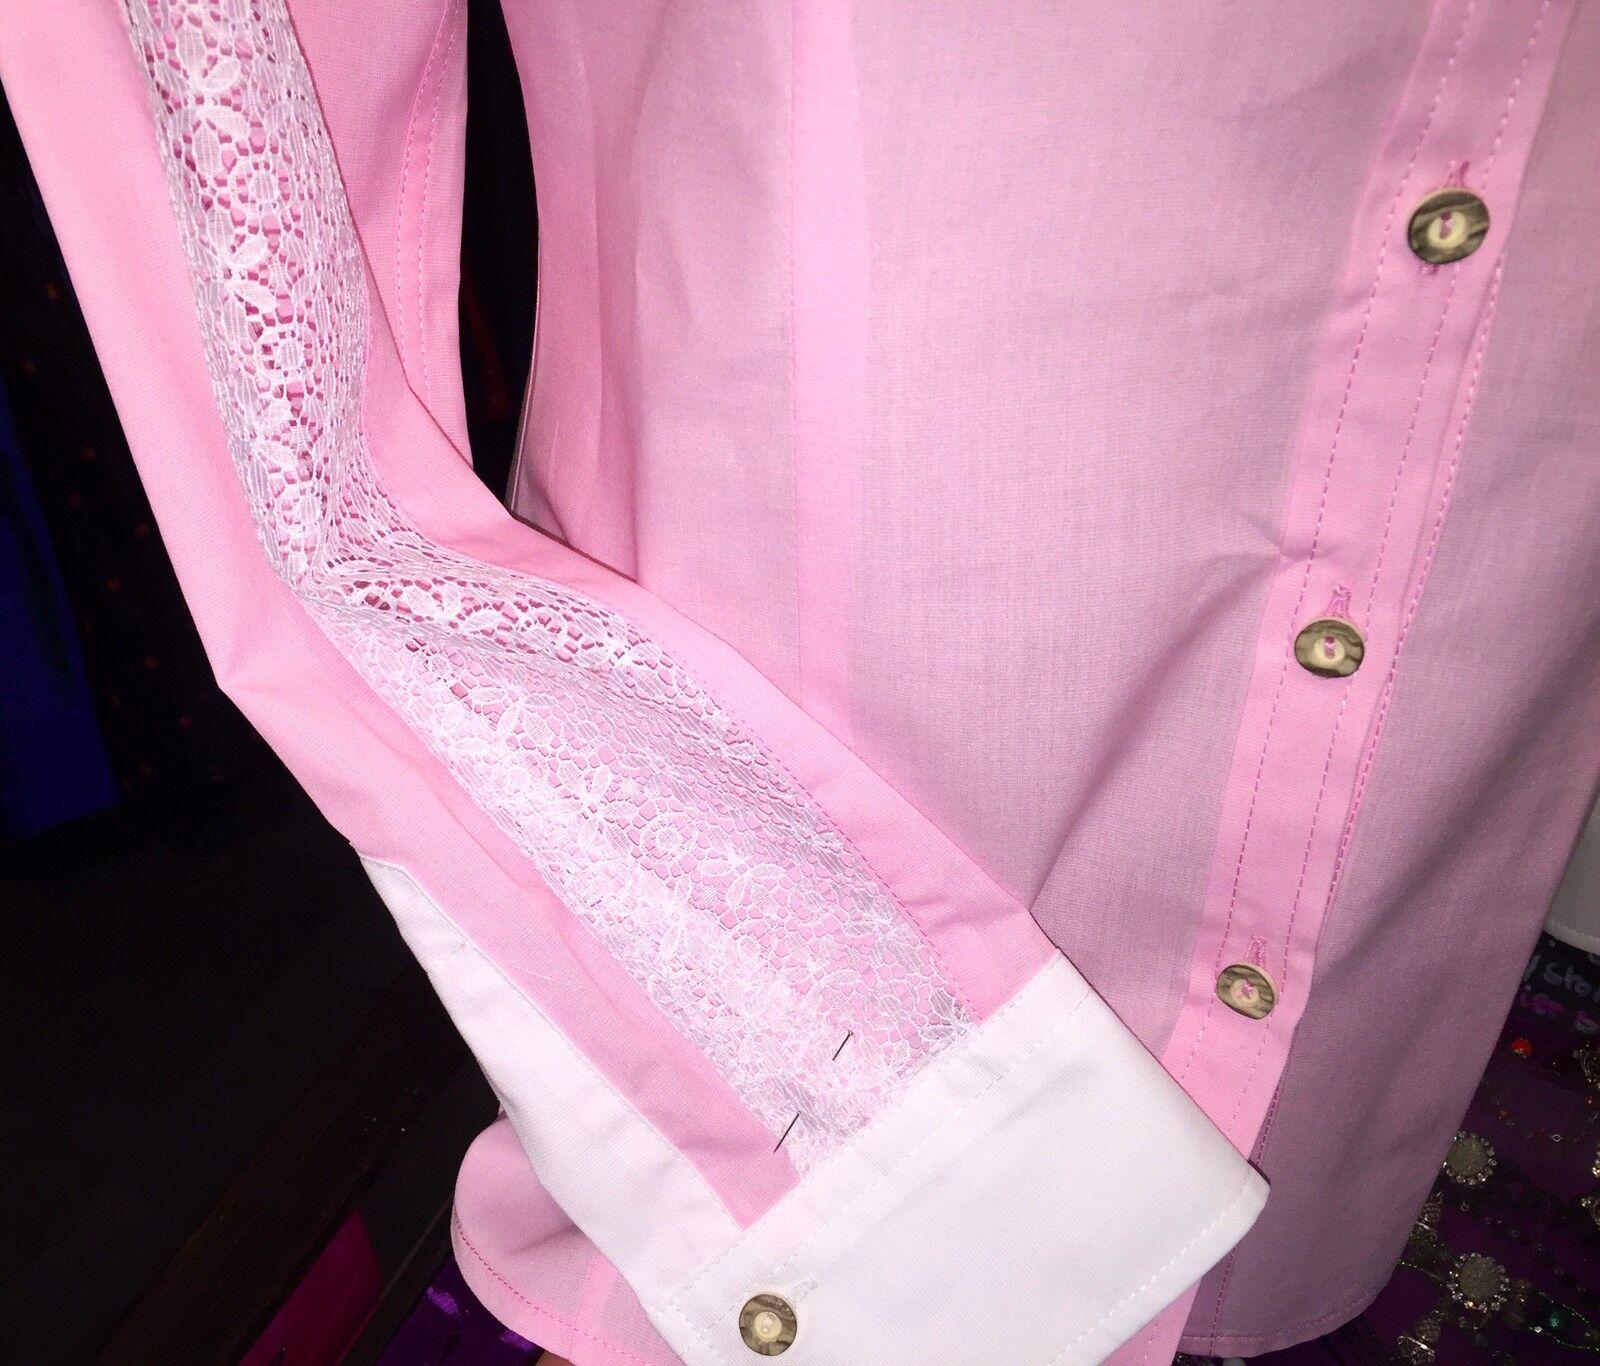 TrachtenBlause, Blause, Rosa, rosé, Stehkragen, Gr 40 Spitze weiß, Abend, Abend, Abend, langarm | Klein und fein  | Modisch  | Sofortige Lieferung  8995cf